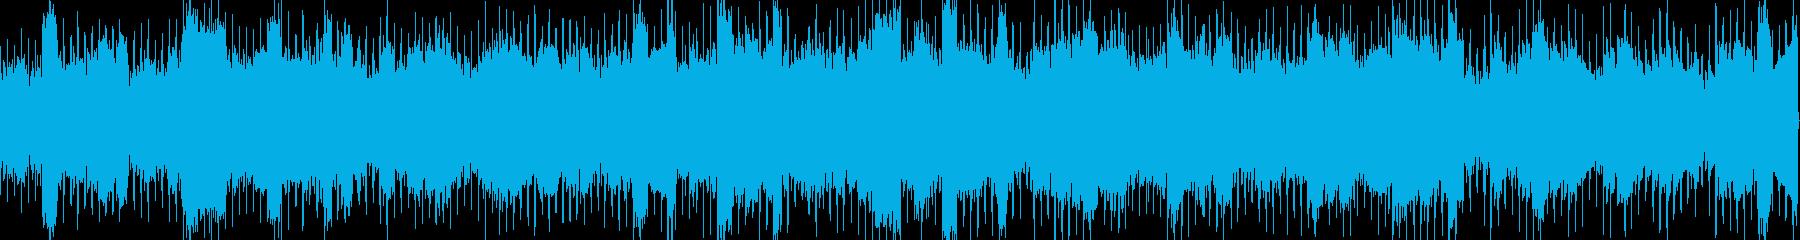 浮遊感のあるエレクトロ系BGMの再生済みの波形